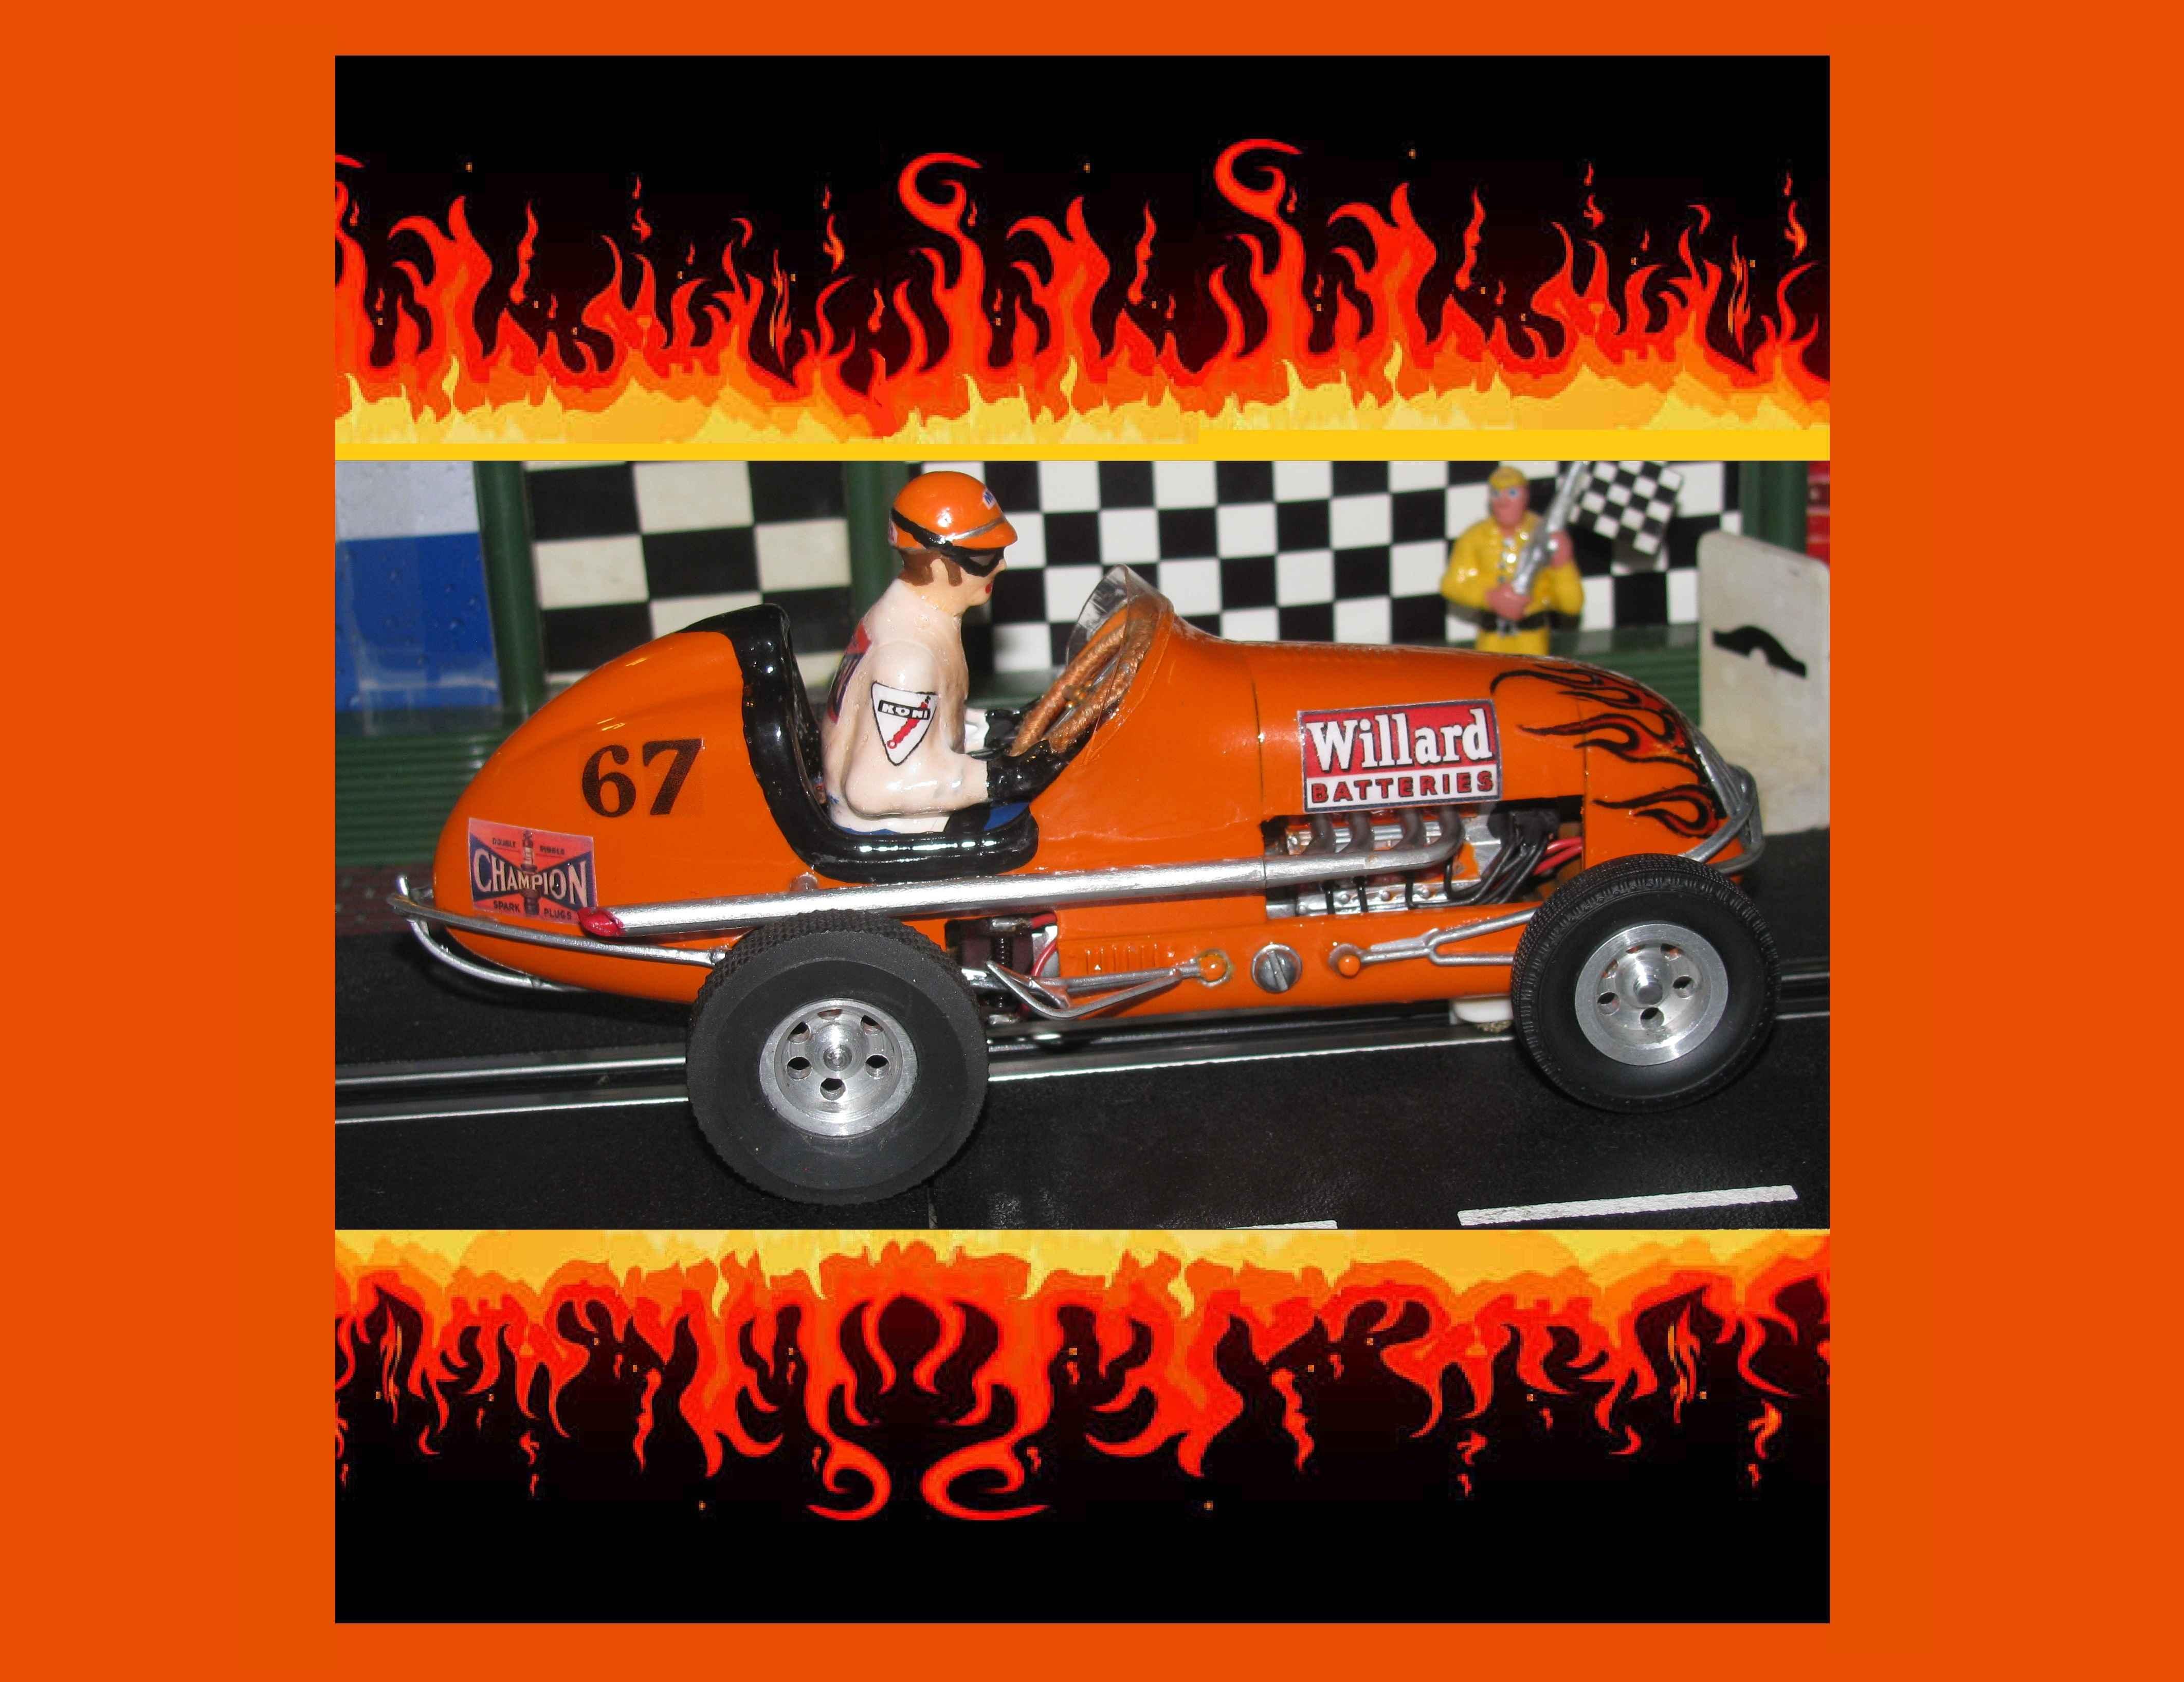 *SOLD* * SUMMER SALE * Monogram Midget Outrageous Orange VI Racing Special Slot Car 1/24 Scale (Outrageous Orange) Car #67